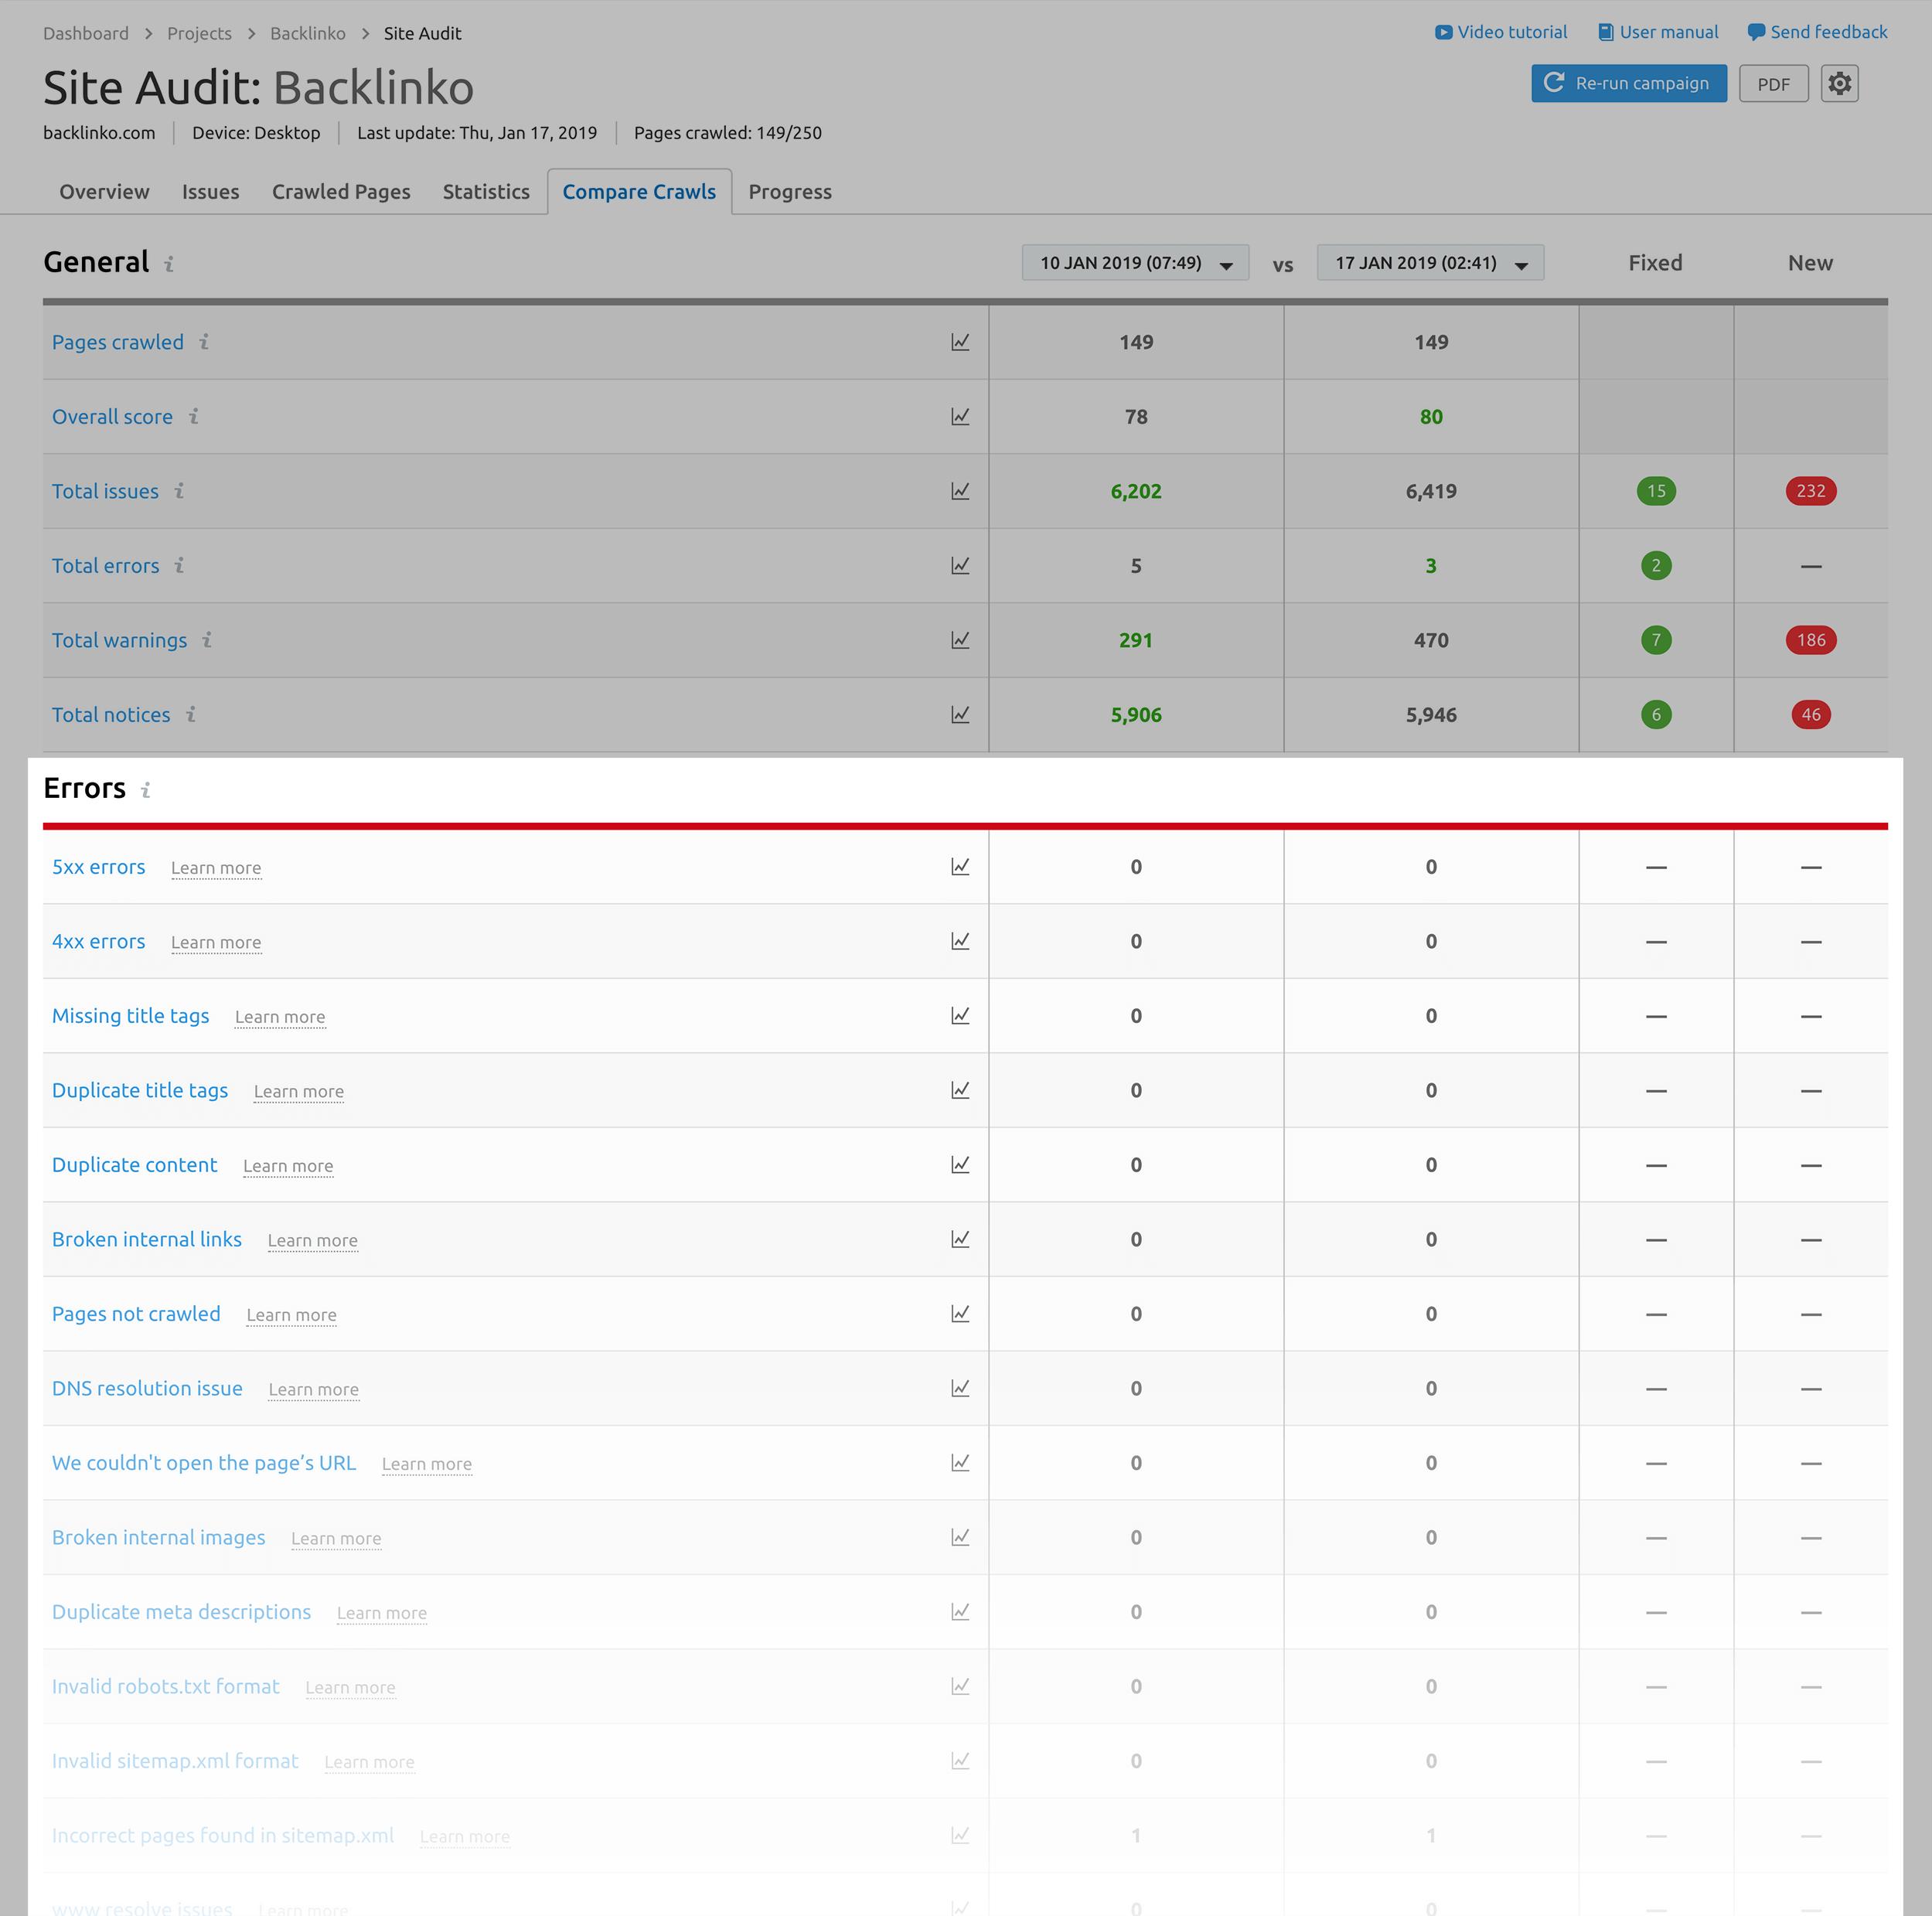 SEMRush – Site audit view errors